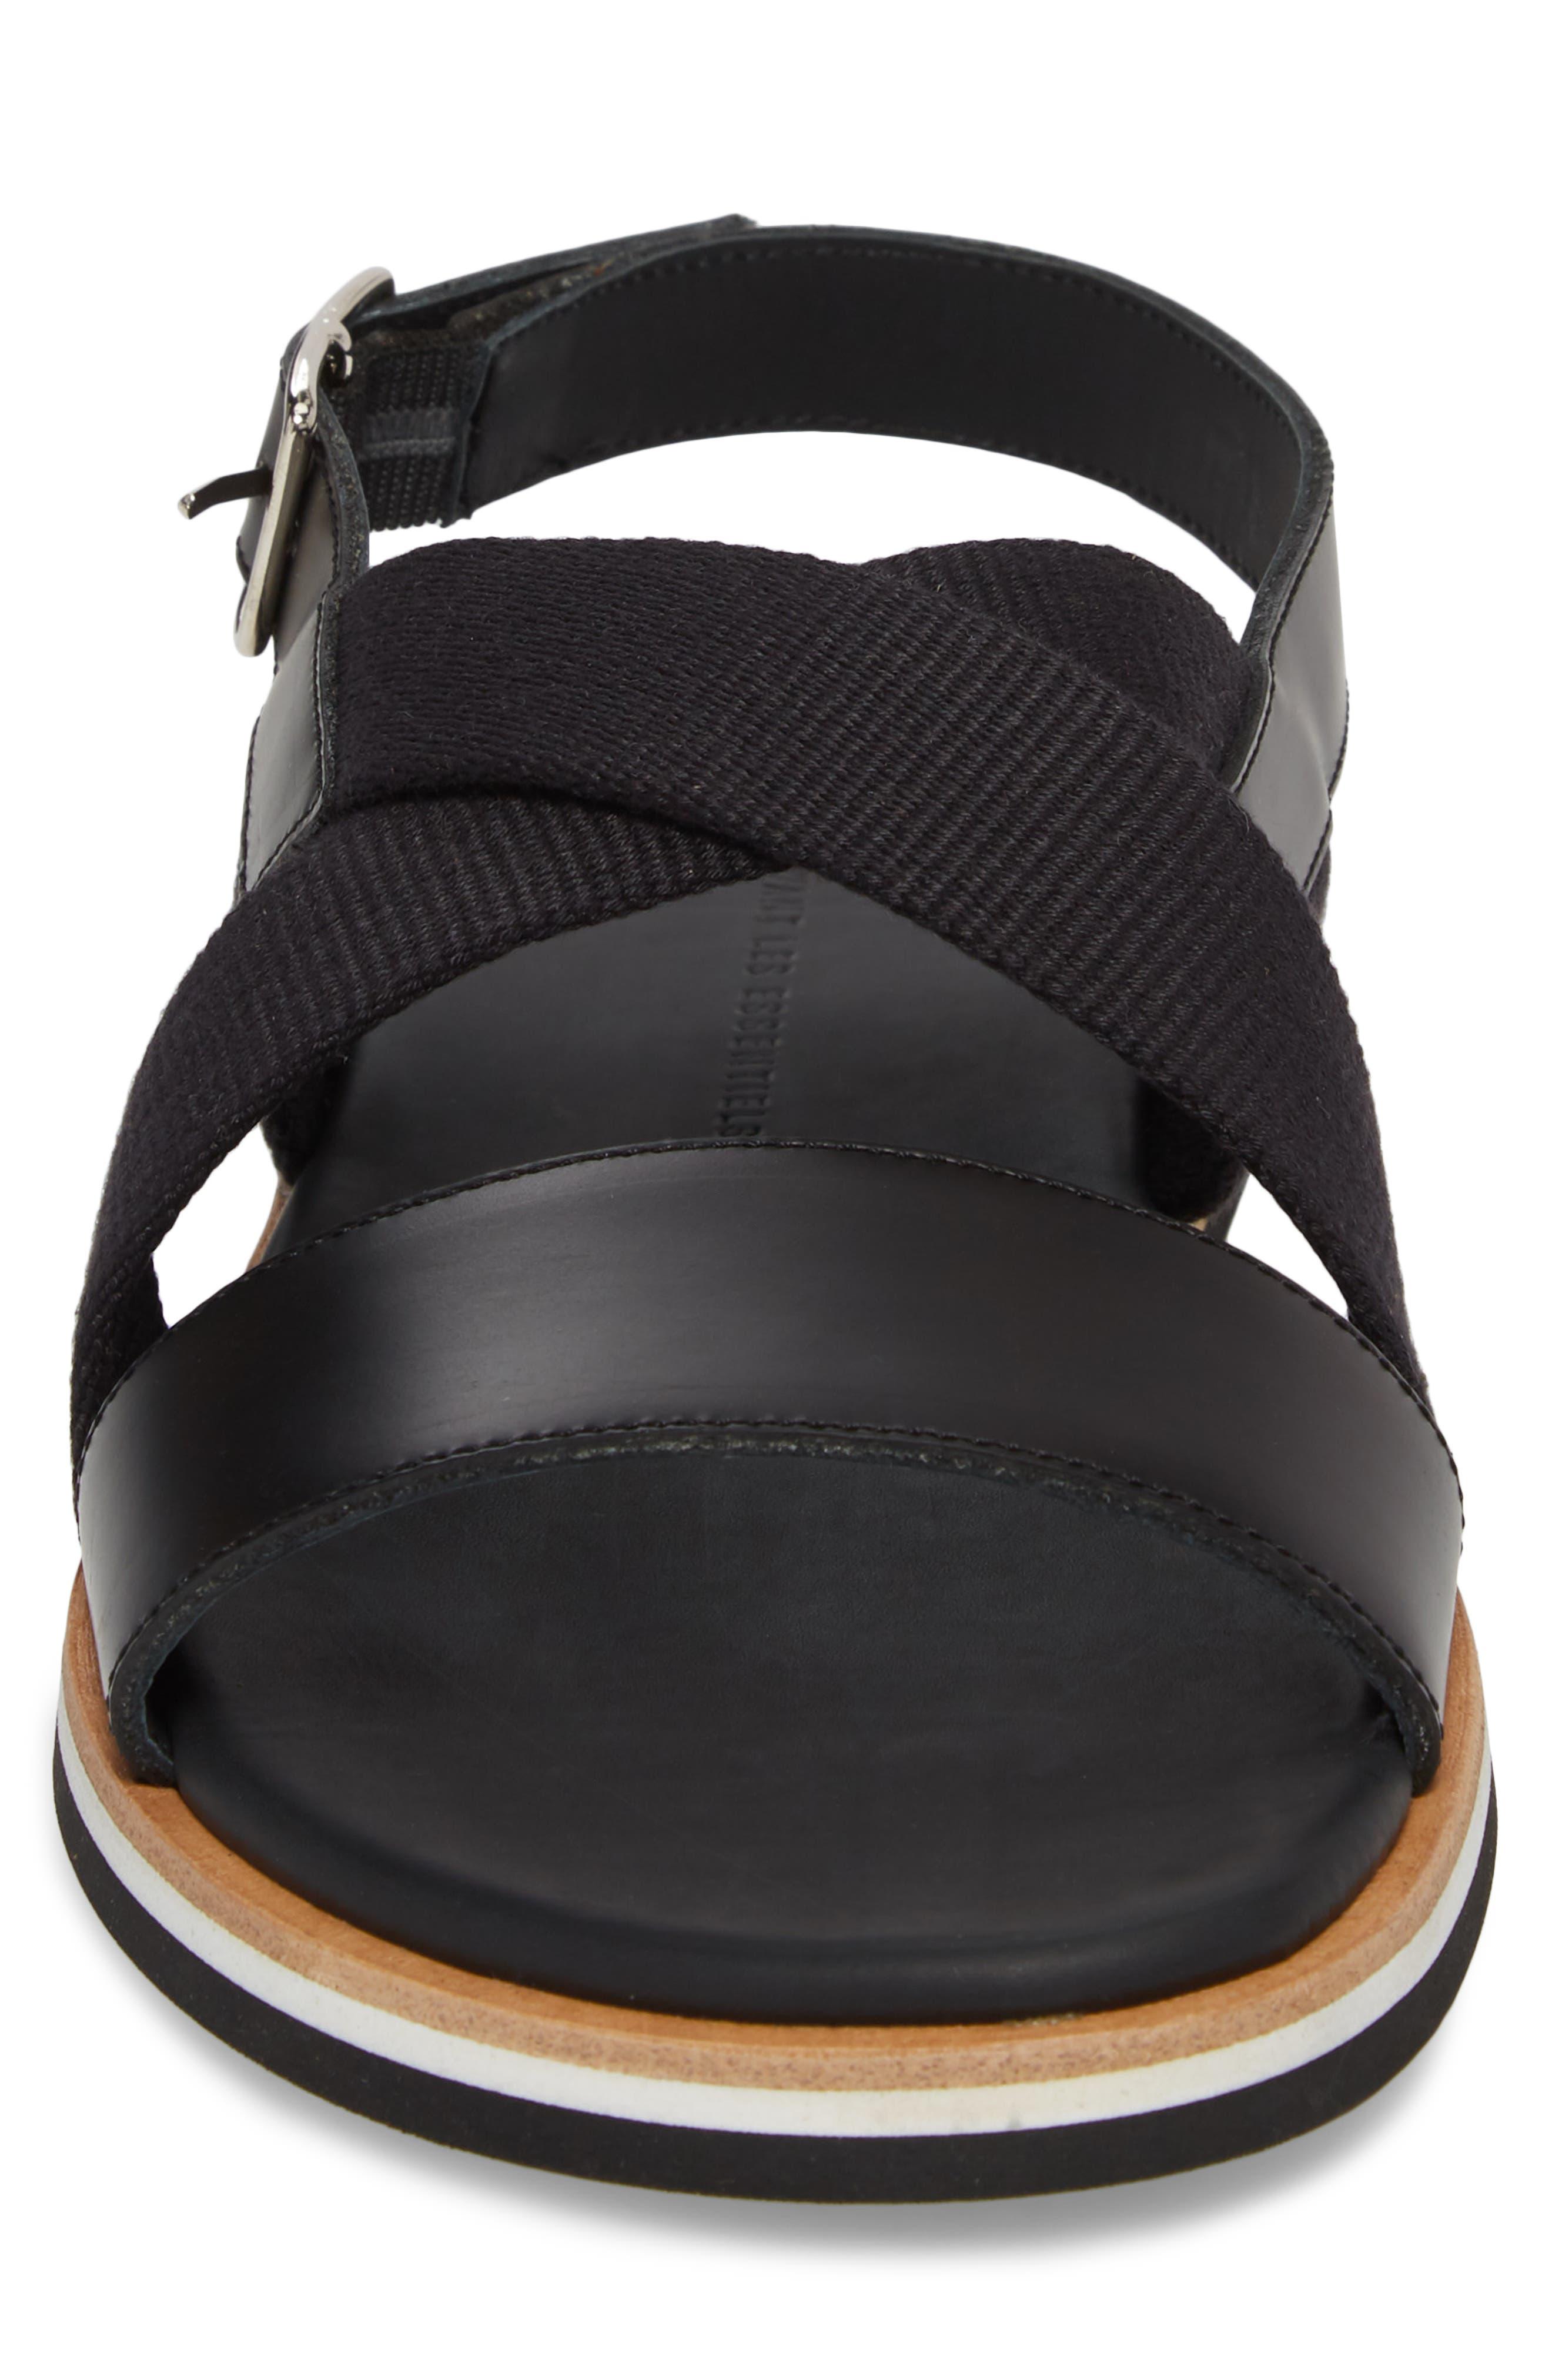 Jobim Sandal,                             Alternate thumbnail 4, color,                             Black Cord/ Black